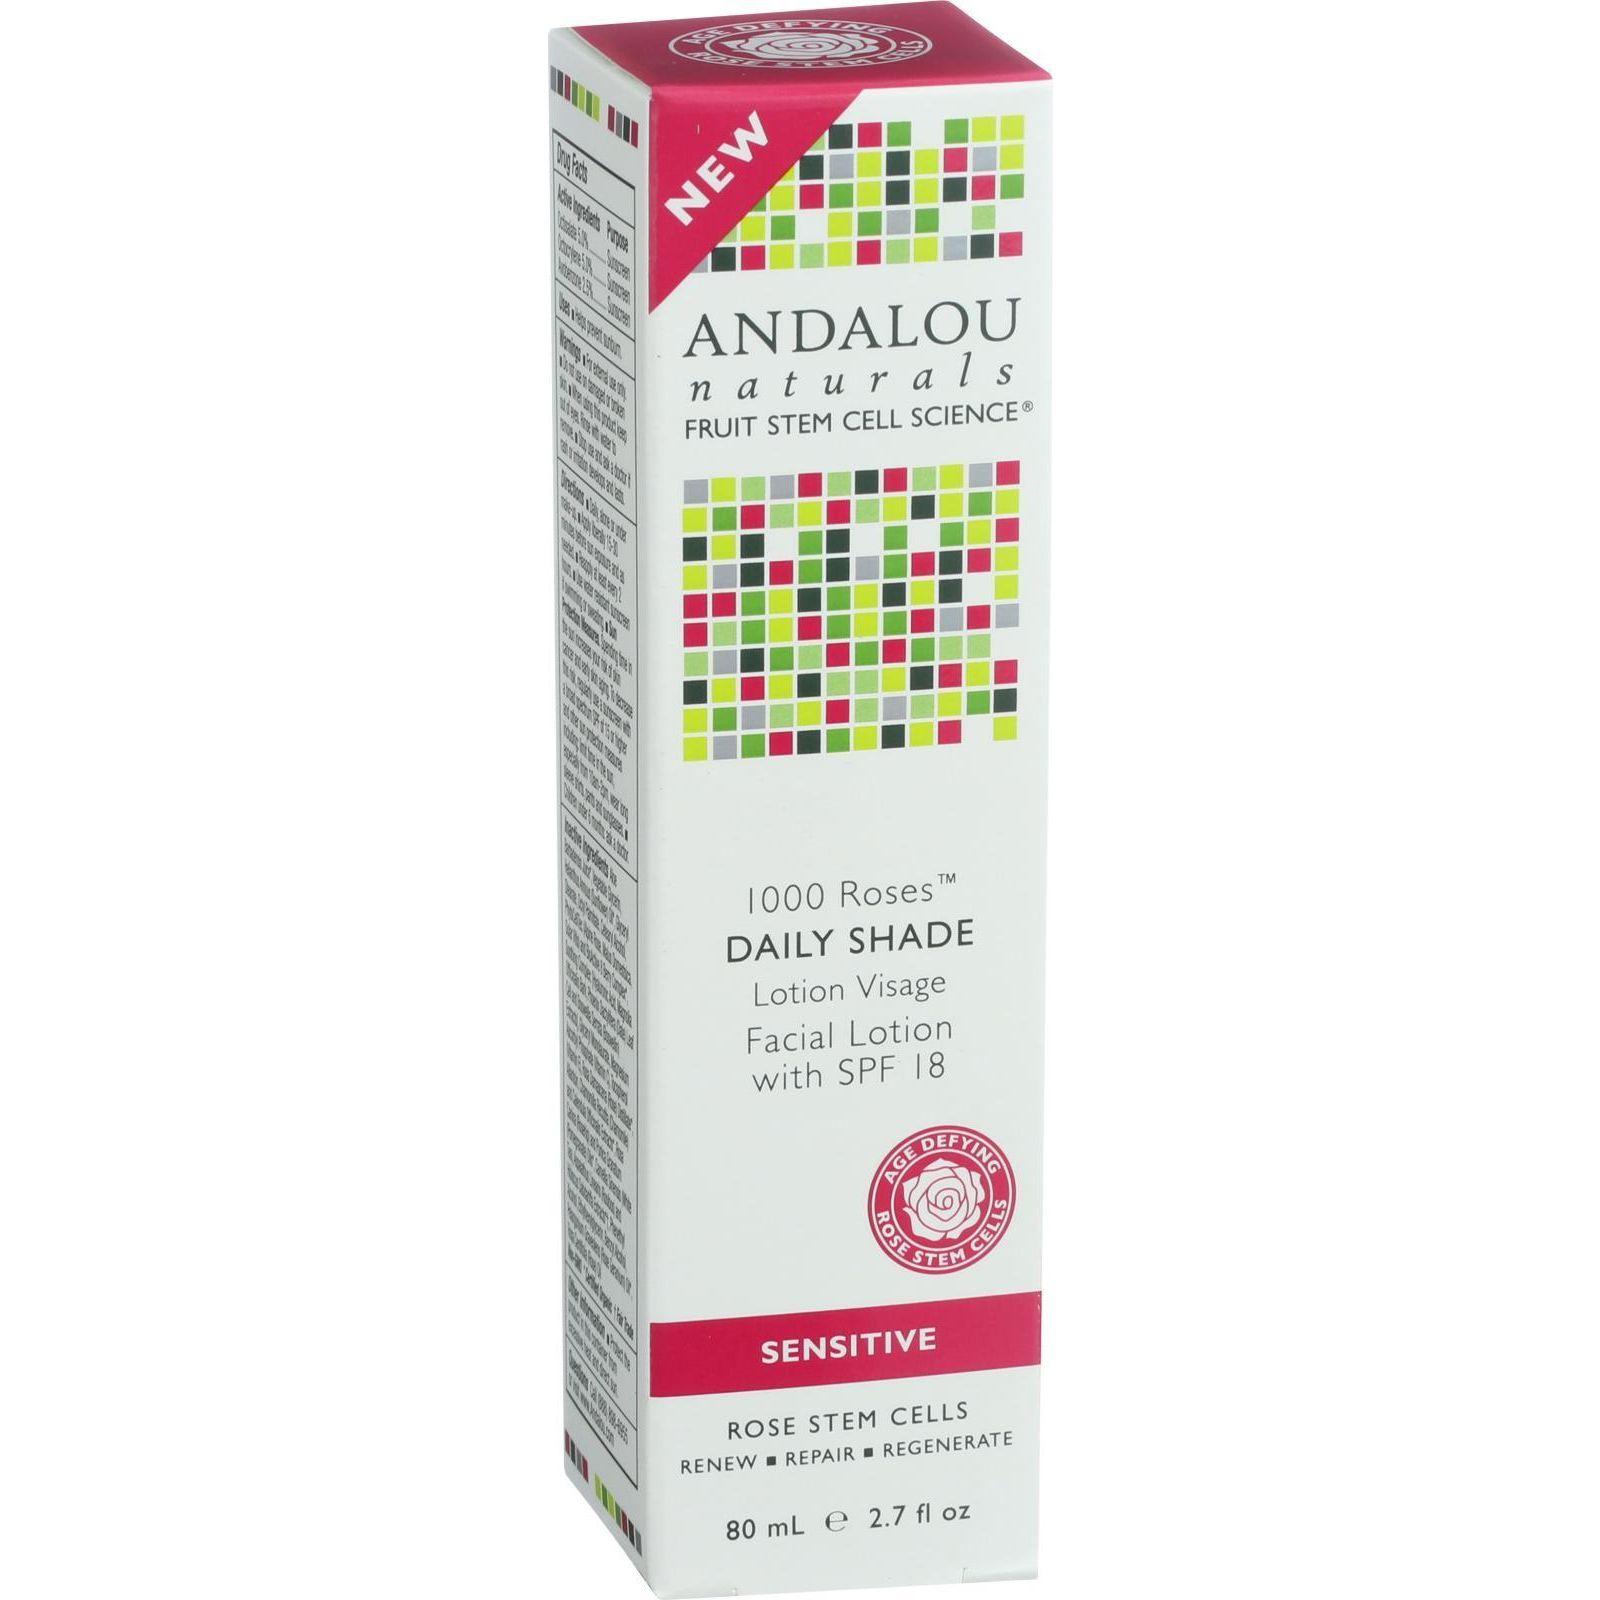 Andalou Naturals Facial Lotion  1000 Roses  Daily Shade SPF 18  2.7 oz